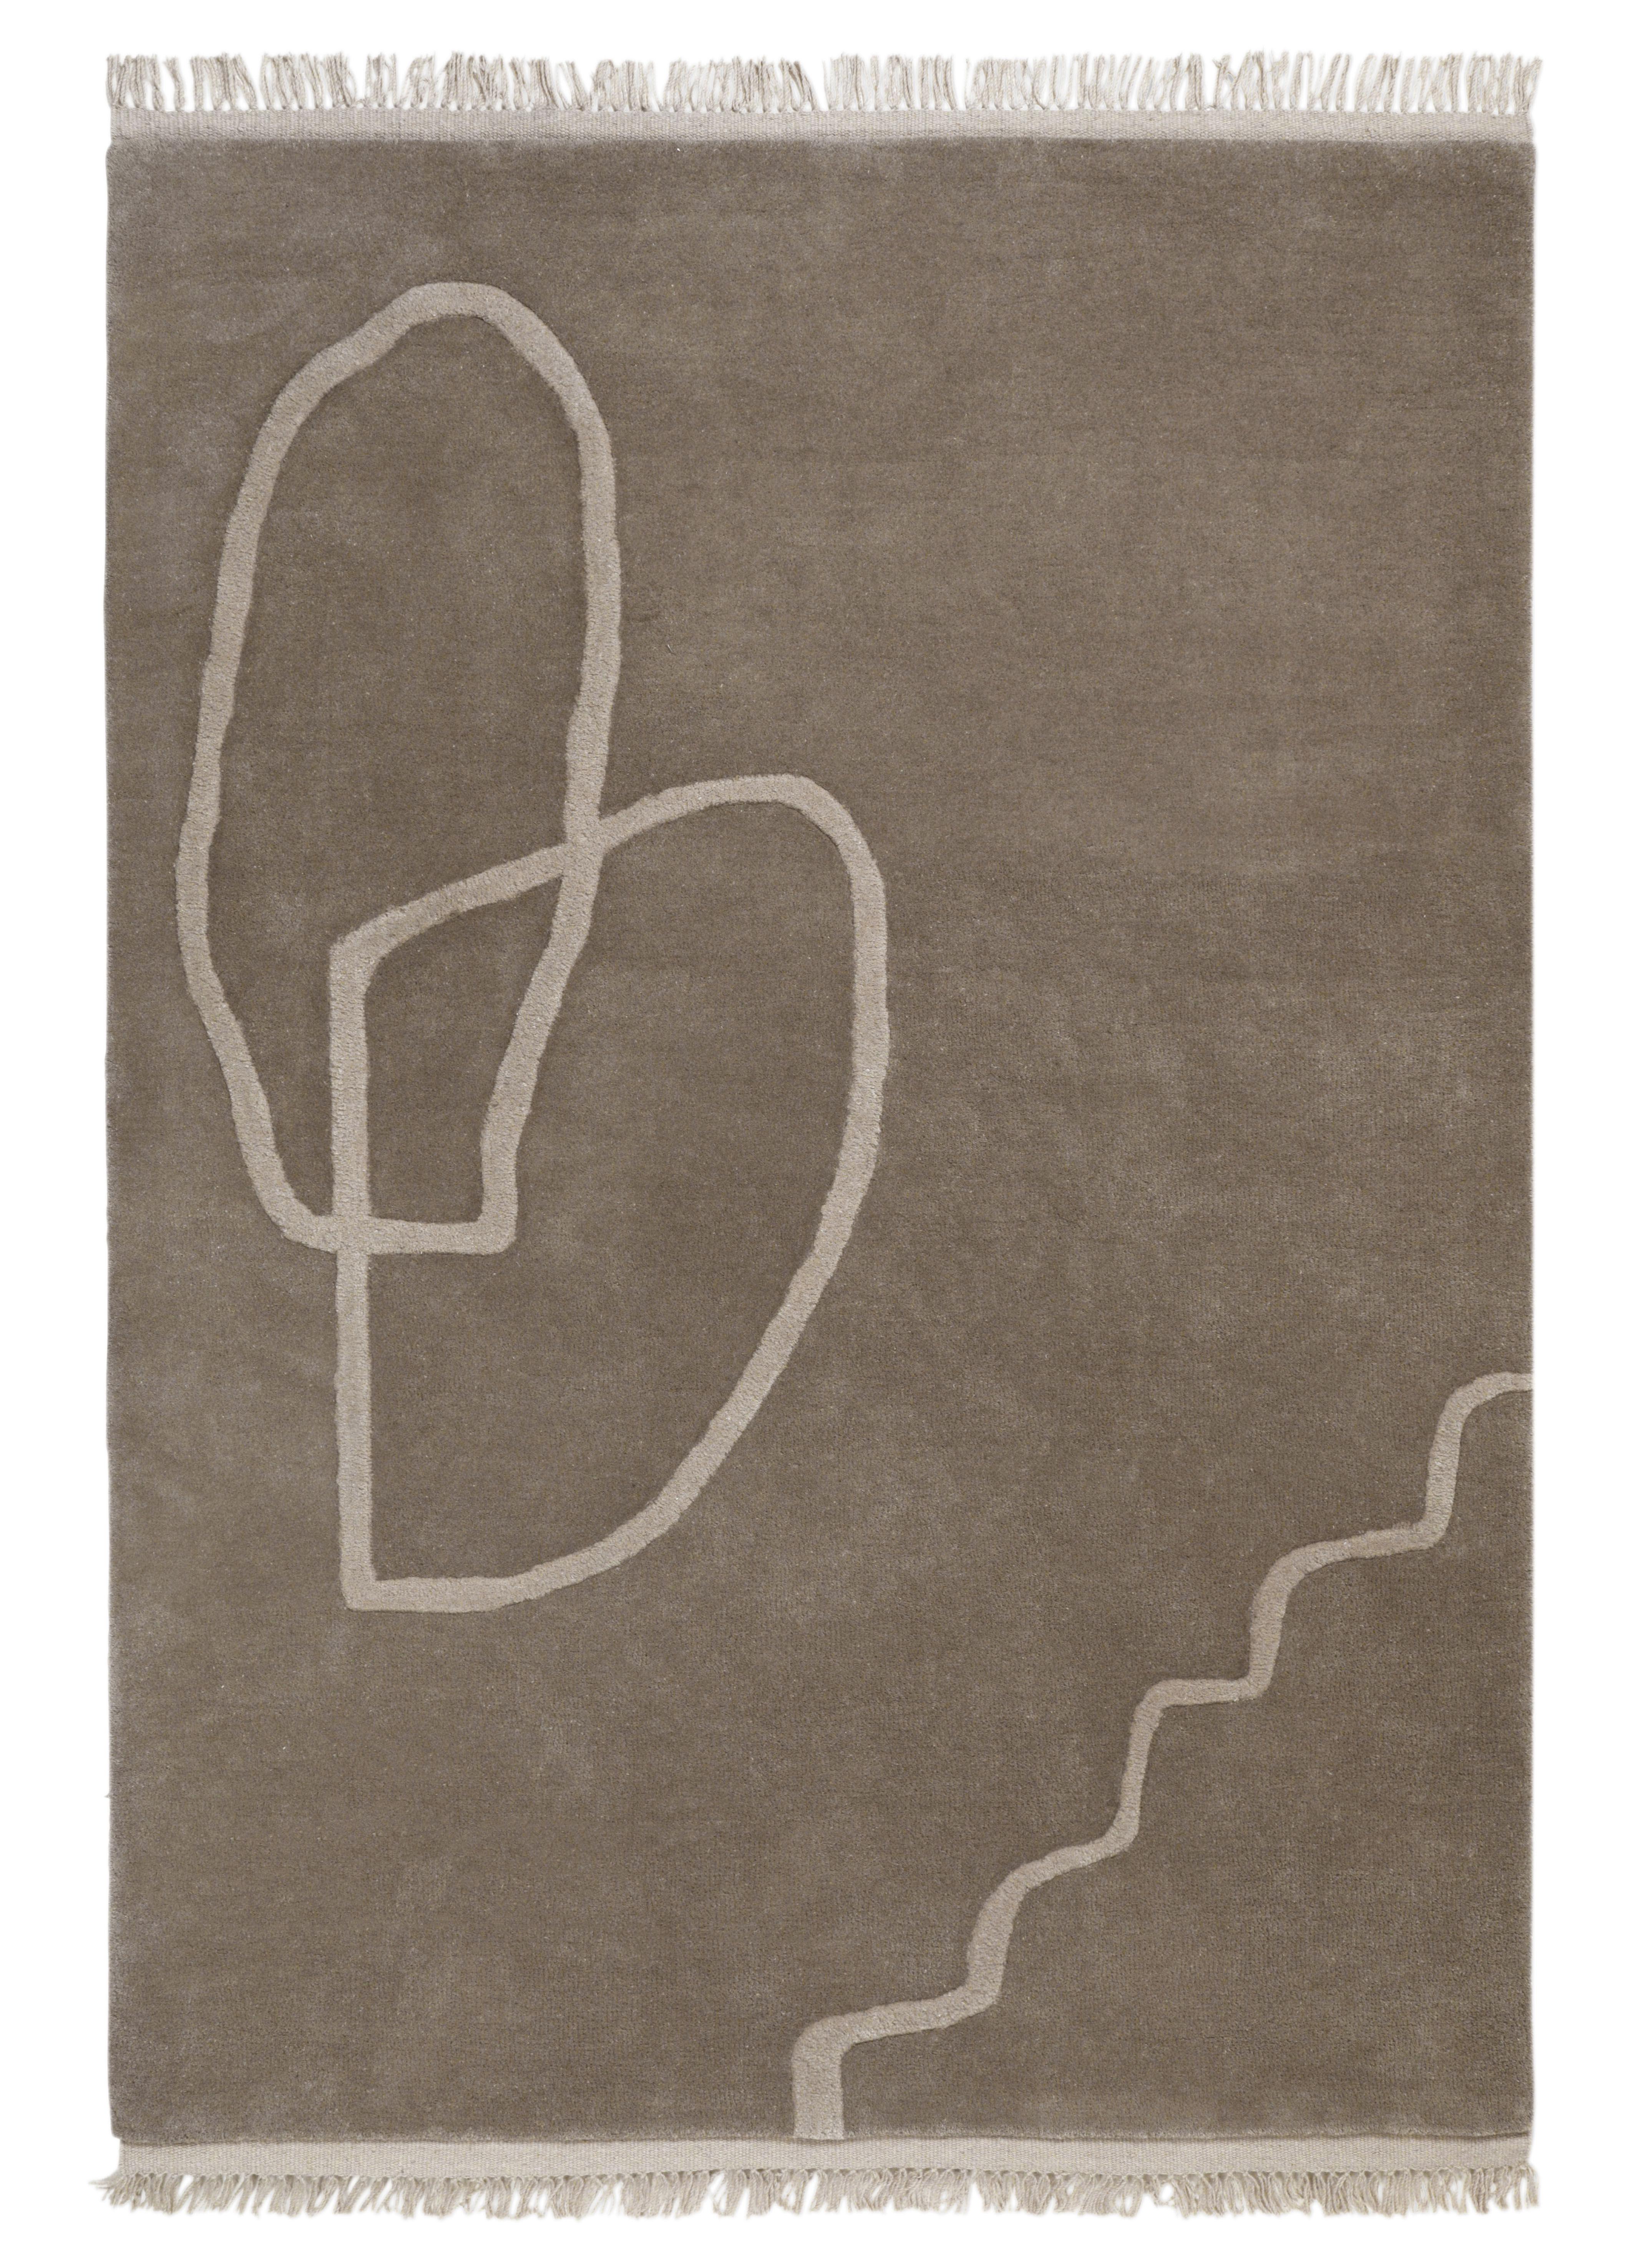 Déco - Tapis - Tapis Désert / 200 x 300 cm - Tissé main - Ferm Living - Sable - Laine